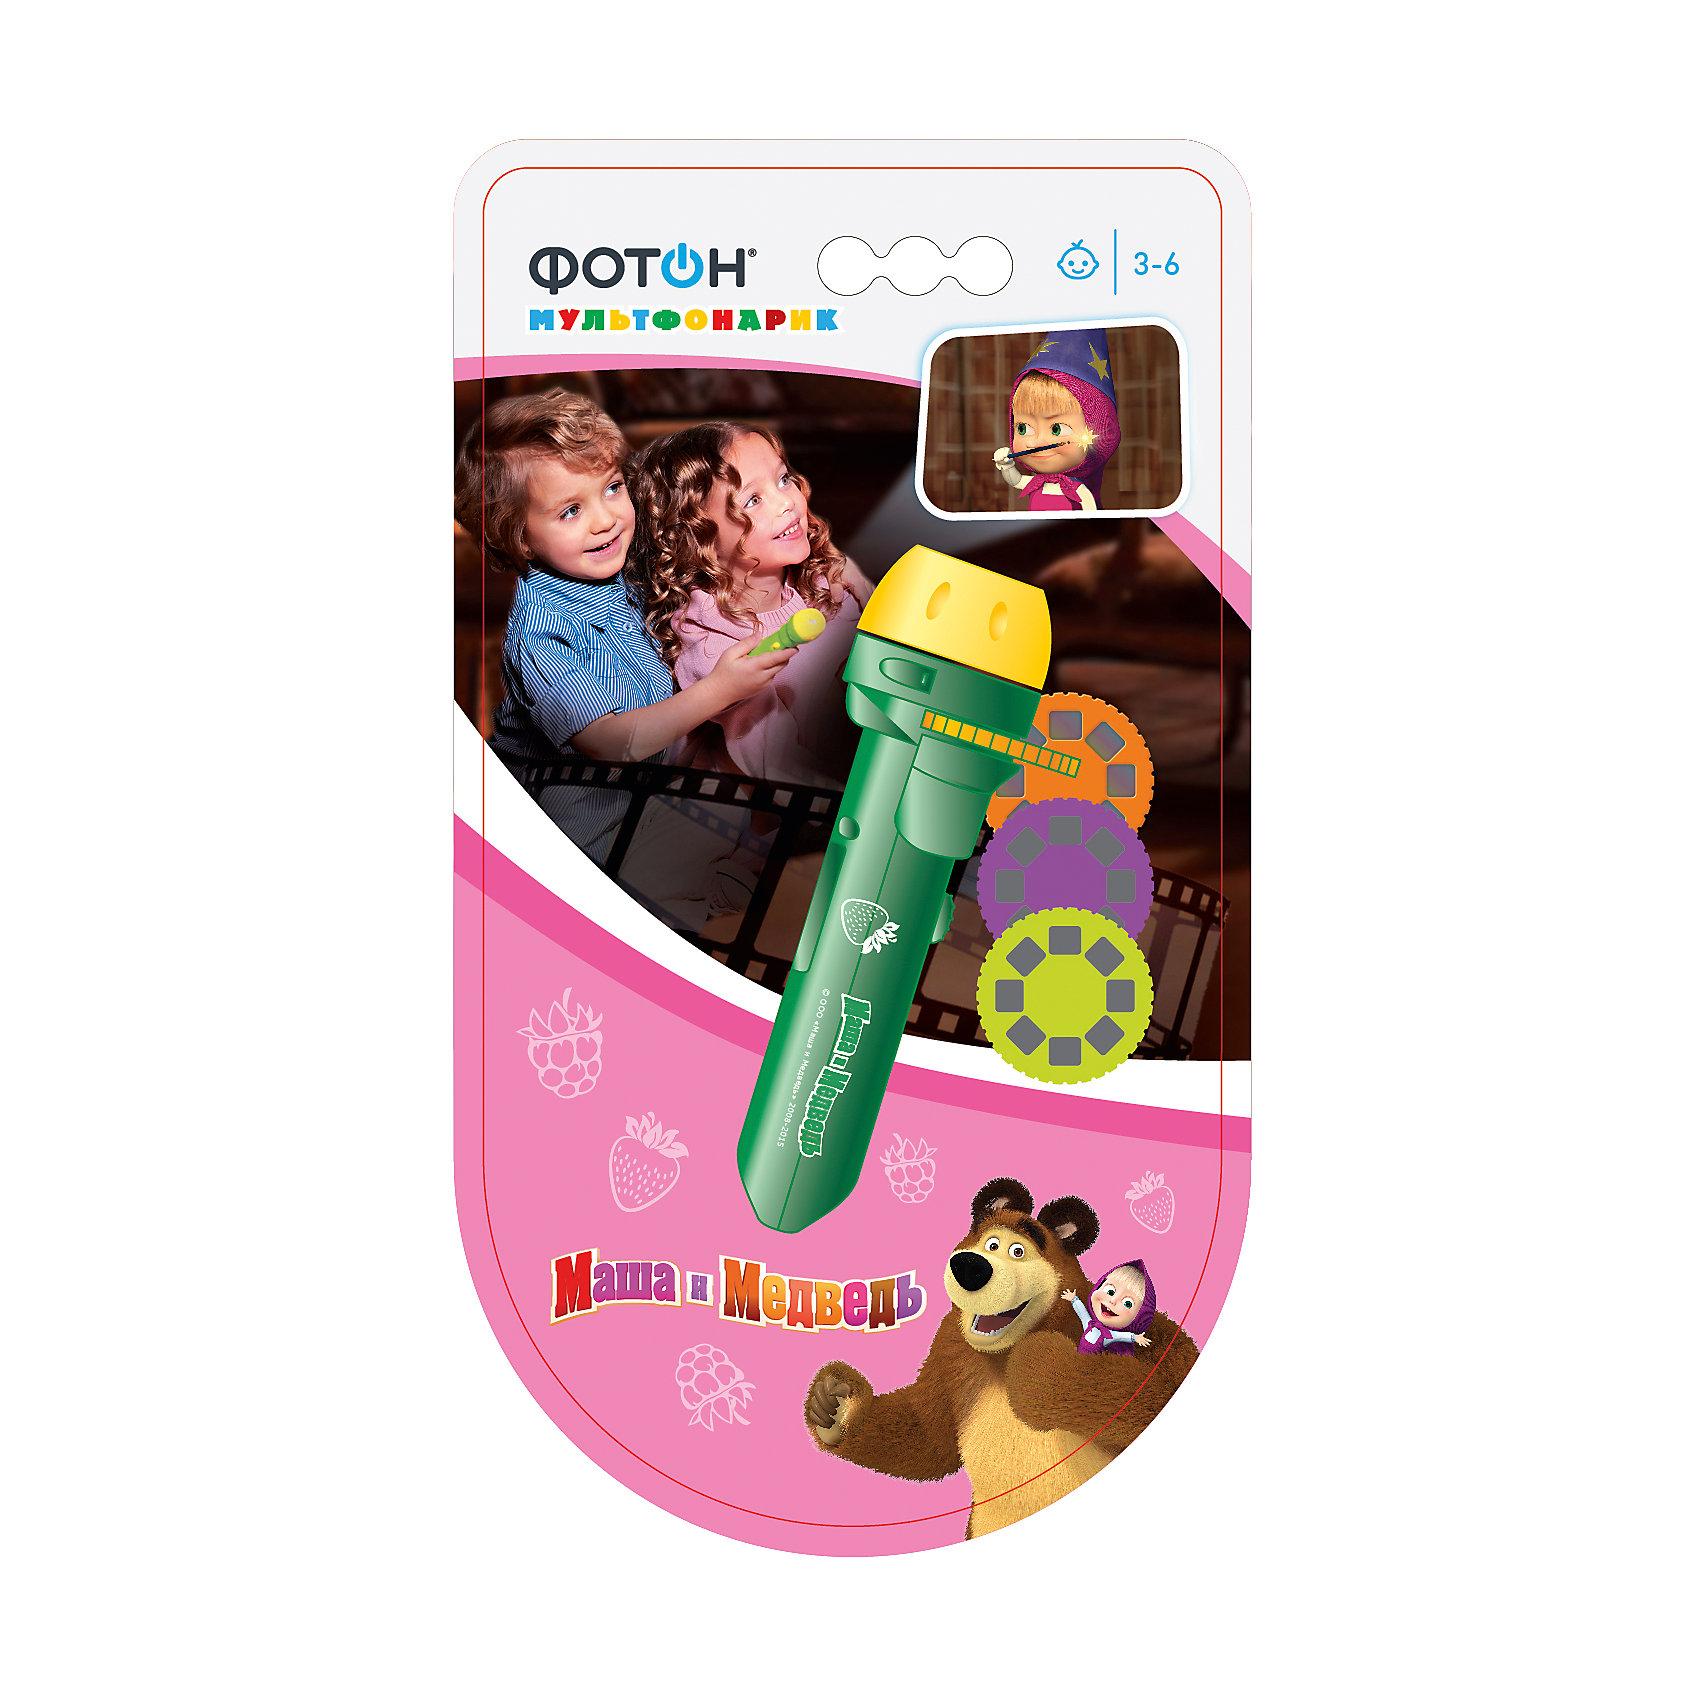 Мультфонарик с дисками  Маша и Медведь, зеленый, ФотонМультфонарик с дисками Маша и Медведь, зеленый, Фотон.<br><br>Характеристика:<br><br>• Материал: пластик, металл.<br>• Длина фонарика: 11,5 см. <br>• Размер упаковки: 21x13 см.<br>• Проецирует картинку на расстоянии: 0,3-3 м. <br>• Комплектация: фонарик, 3 диска (по 8 кадров в каждом). <br>• Сказки: Как наряжать ёлочку, Про Машу и фокусы, Про ремонт.<br>• Элемент питания: 3 батарейки 1,5V типа AG3/LR41 (в комплекте демонстрационные). <br>• Яркий привлекательный дизайн.<br><br>Мультфонарик с дисками - прекрасный подарок для всех поклонников Маши и Медведя. Проецируя на стену изображения и перемещая диск дети смогут увидеть любимые сюжеты, показать и рассказать знакомые истории. Качественные проекции и простота использования позволяют играть с фонариком детям любого возраста. Фонарик небольшого размера легко поместится с сумке или кармане, а значит, любимые герои и захватывающие истории смогут быть рядом всегда и везде. <br>Изображения можно спроецировать на любую ровную поверхность. Фонарик выполнен из высококачественного прочного пластика, работает от батареек. <br><br>Мультфонарик с дисками Маша и Медведь, зеленый, Фотон, можно купить в нашем интернет-магазине.<br><br>Ширина мм: 230<br>Глубина мм: 125<br>Высота мм: 35<br>Вес г: 106<br>Возраст от месяцев: 24<br>Возраст до месяцев: 120<br>Пол: Унисекс<br>Возраст: Детский<br>SKU: 5268929